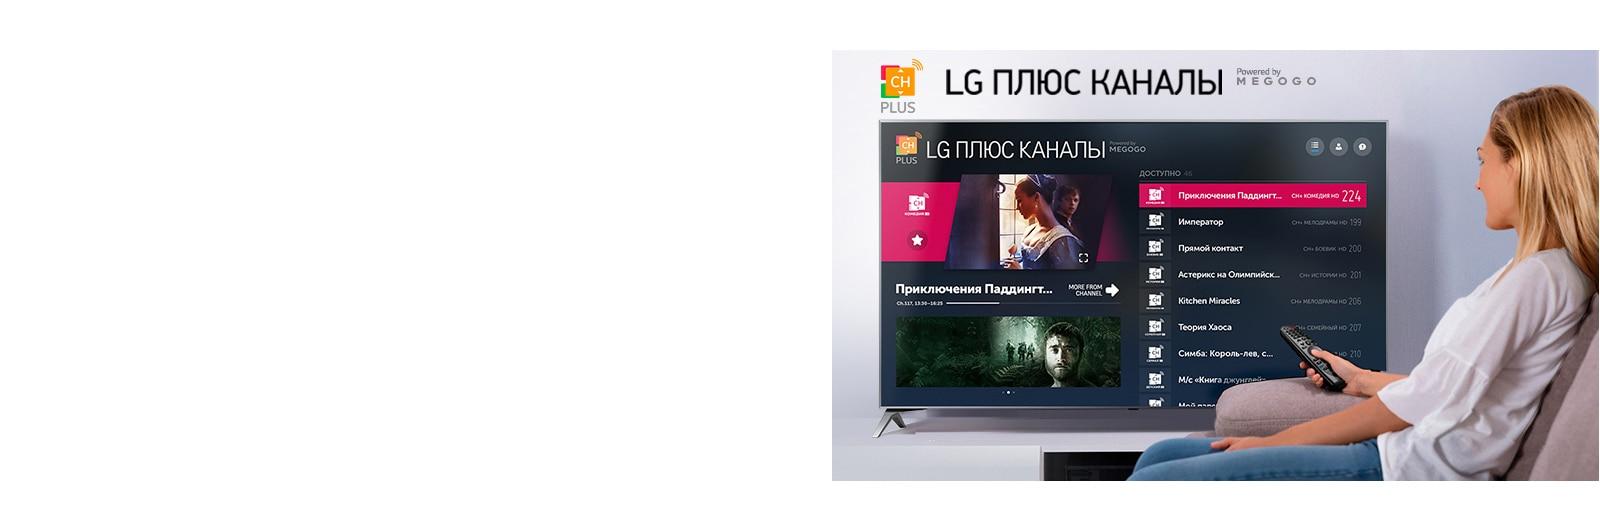 LG Channels. Бесплатные каналы и видео по запросу